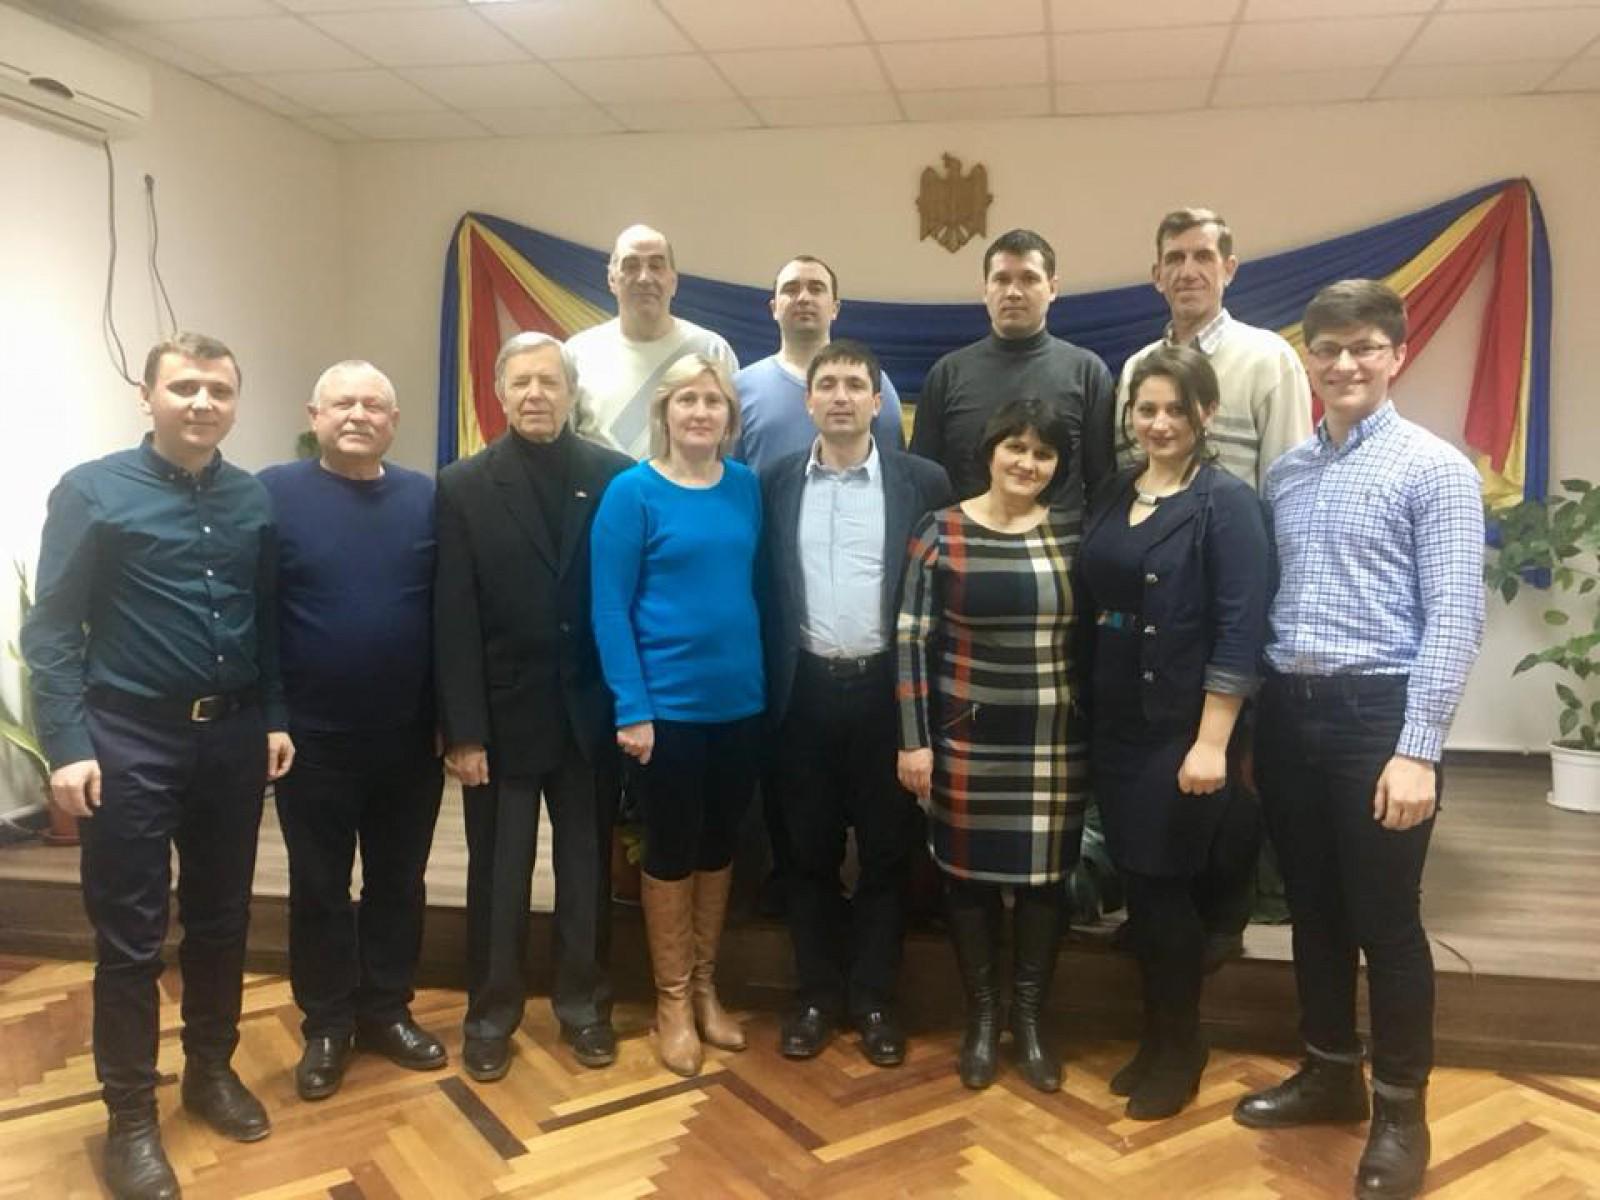 Primarul de Băcioi, viceprimarul și șapte consilieri locali din Partidul Liberal, au aderat la Partidul Unității Naționale